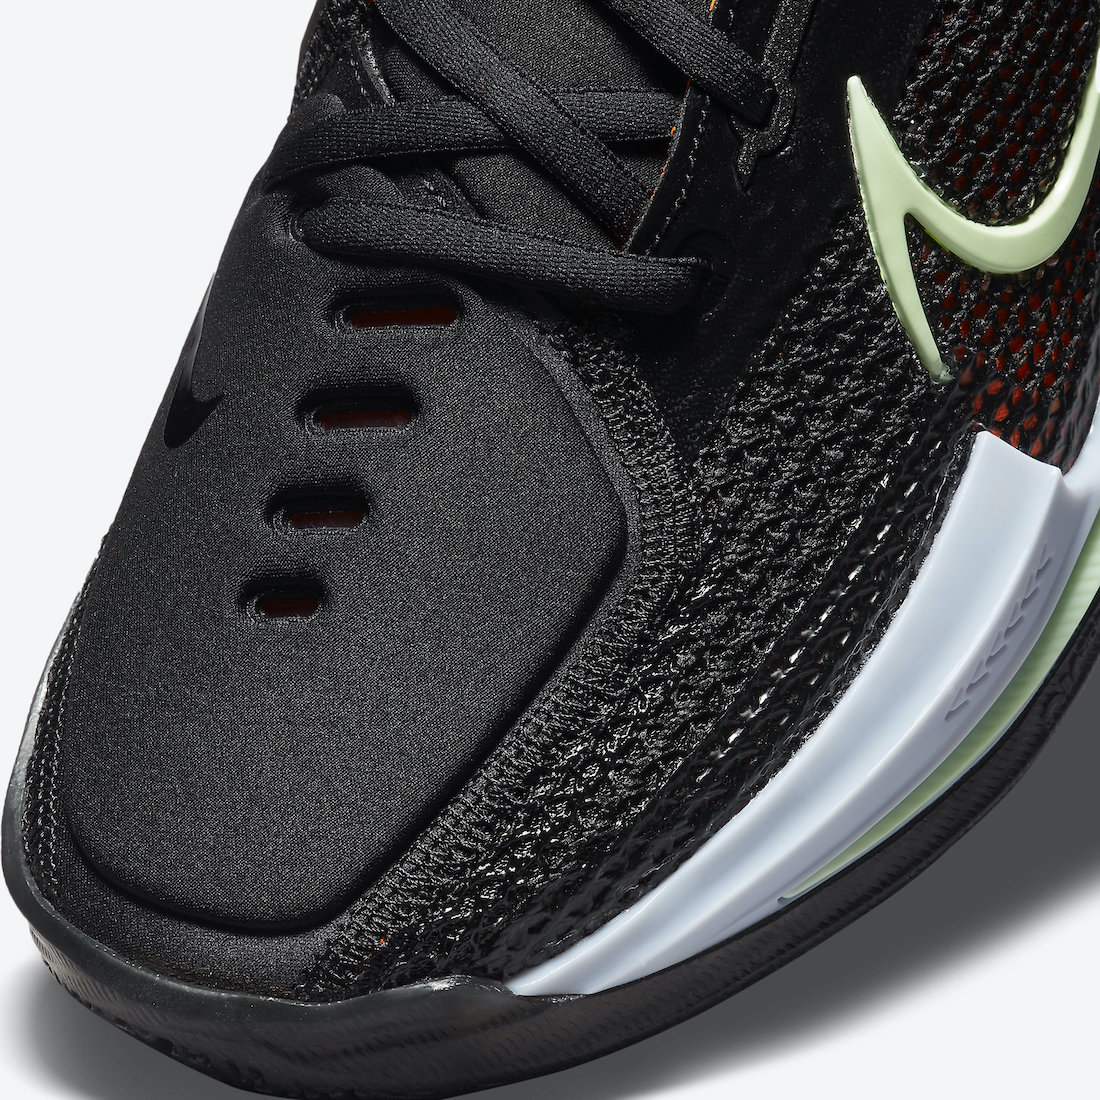 Nike Zoom GT Cut Black CZ0175-001 Release Date Info